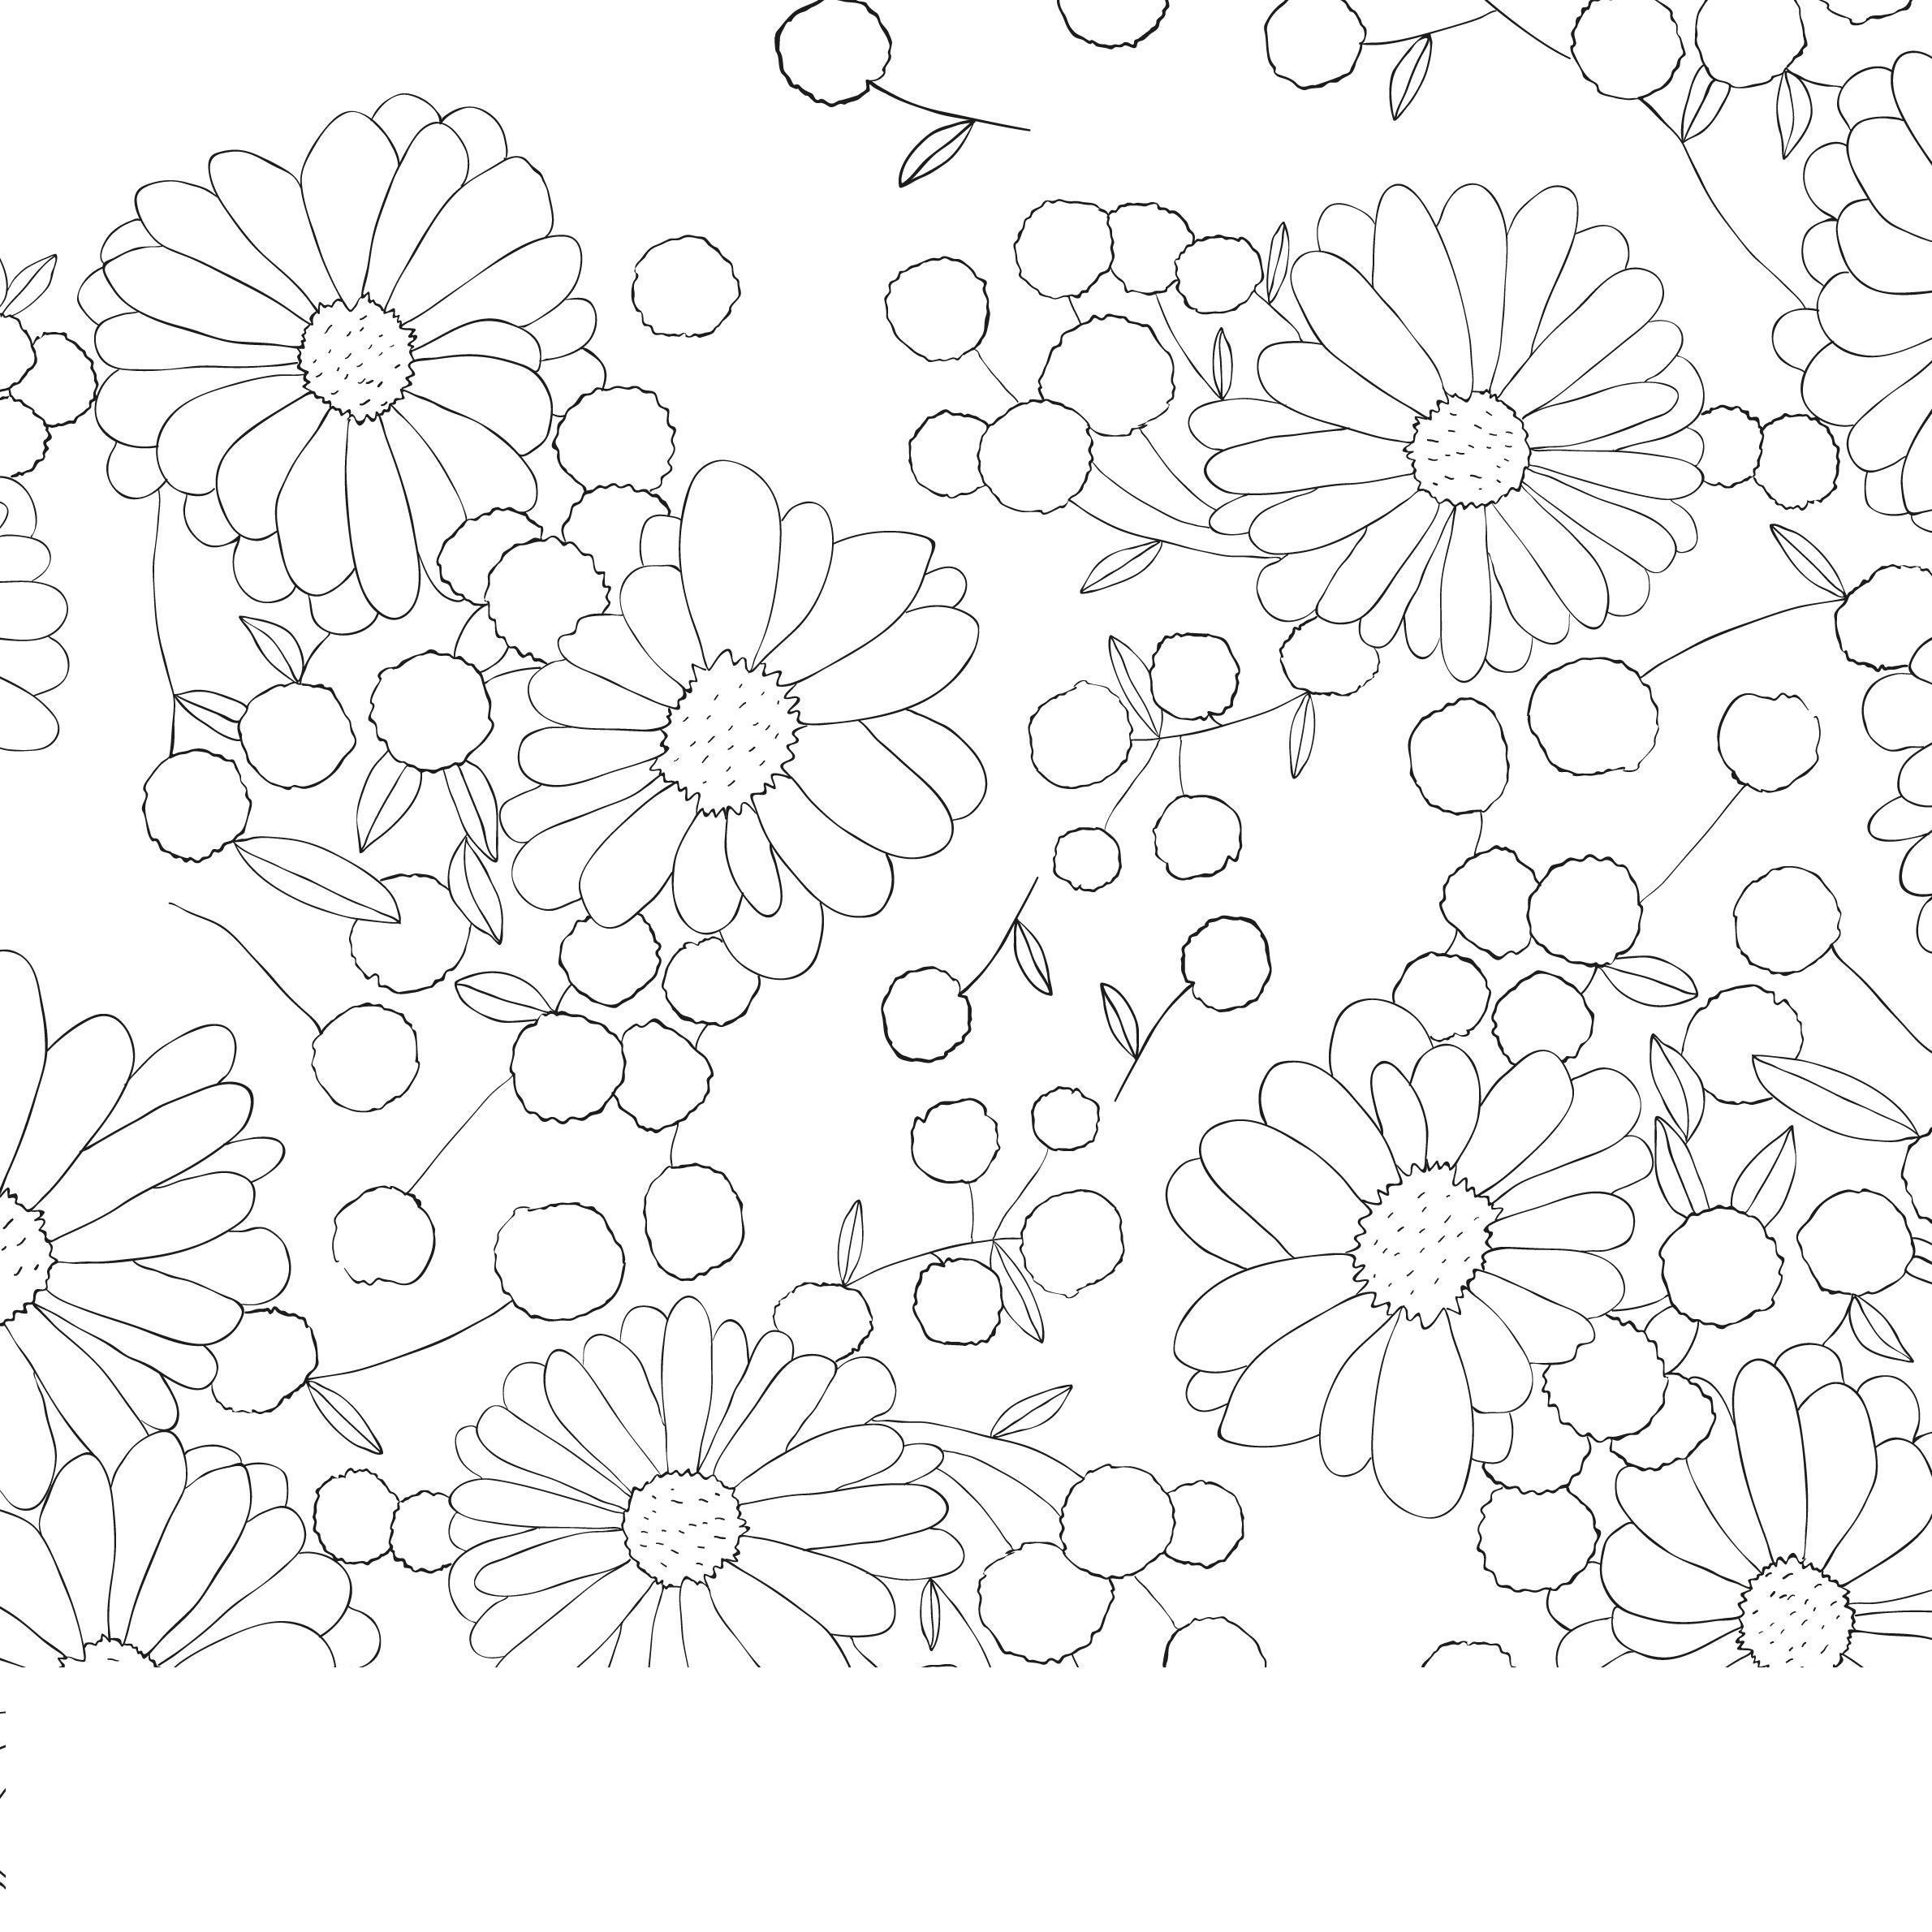 Узоры с цветами Раскраски с цветами распечатать бесплатно